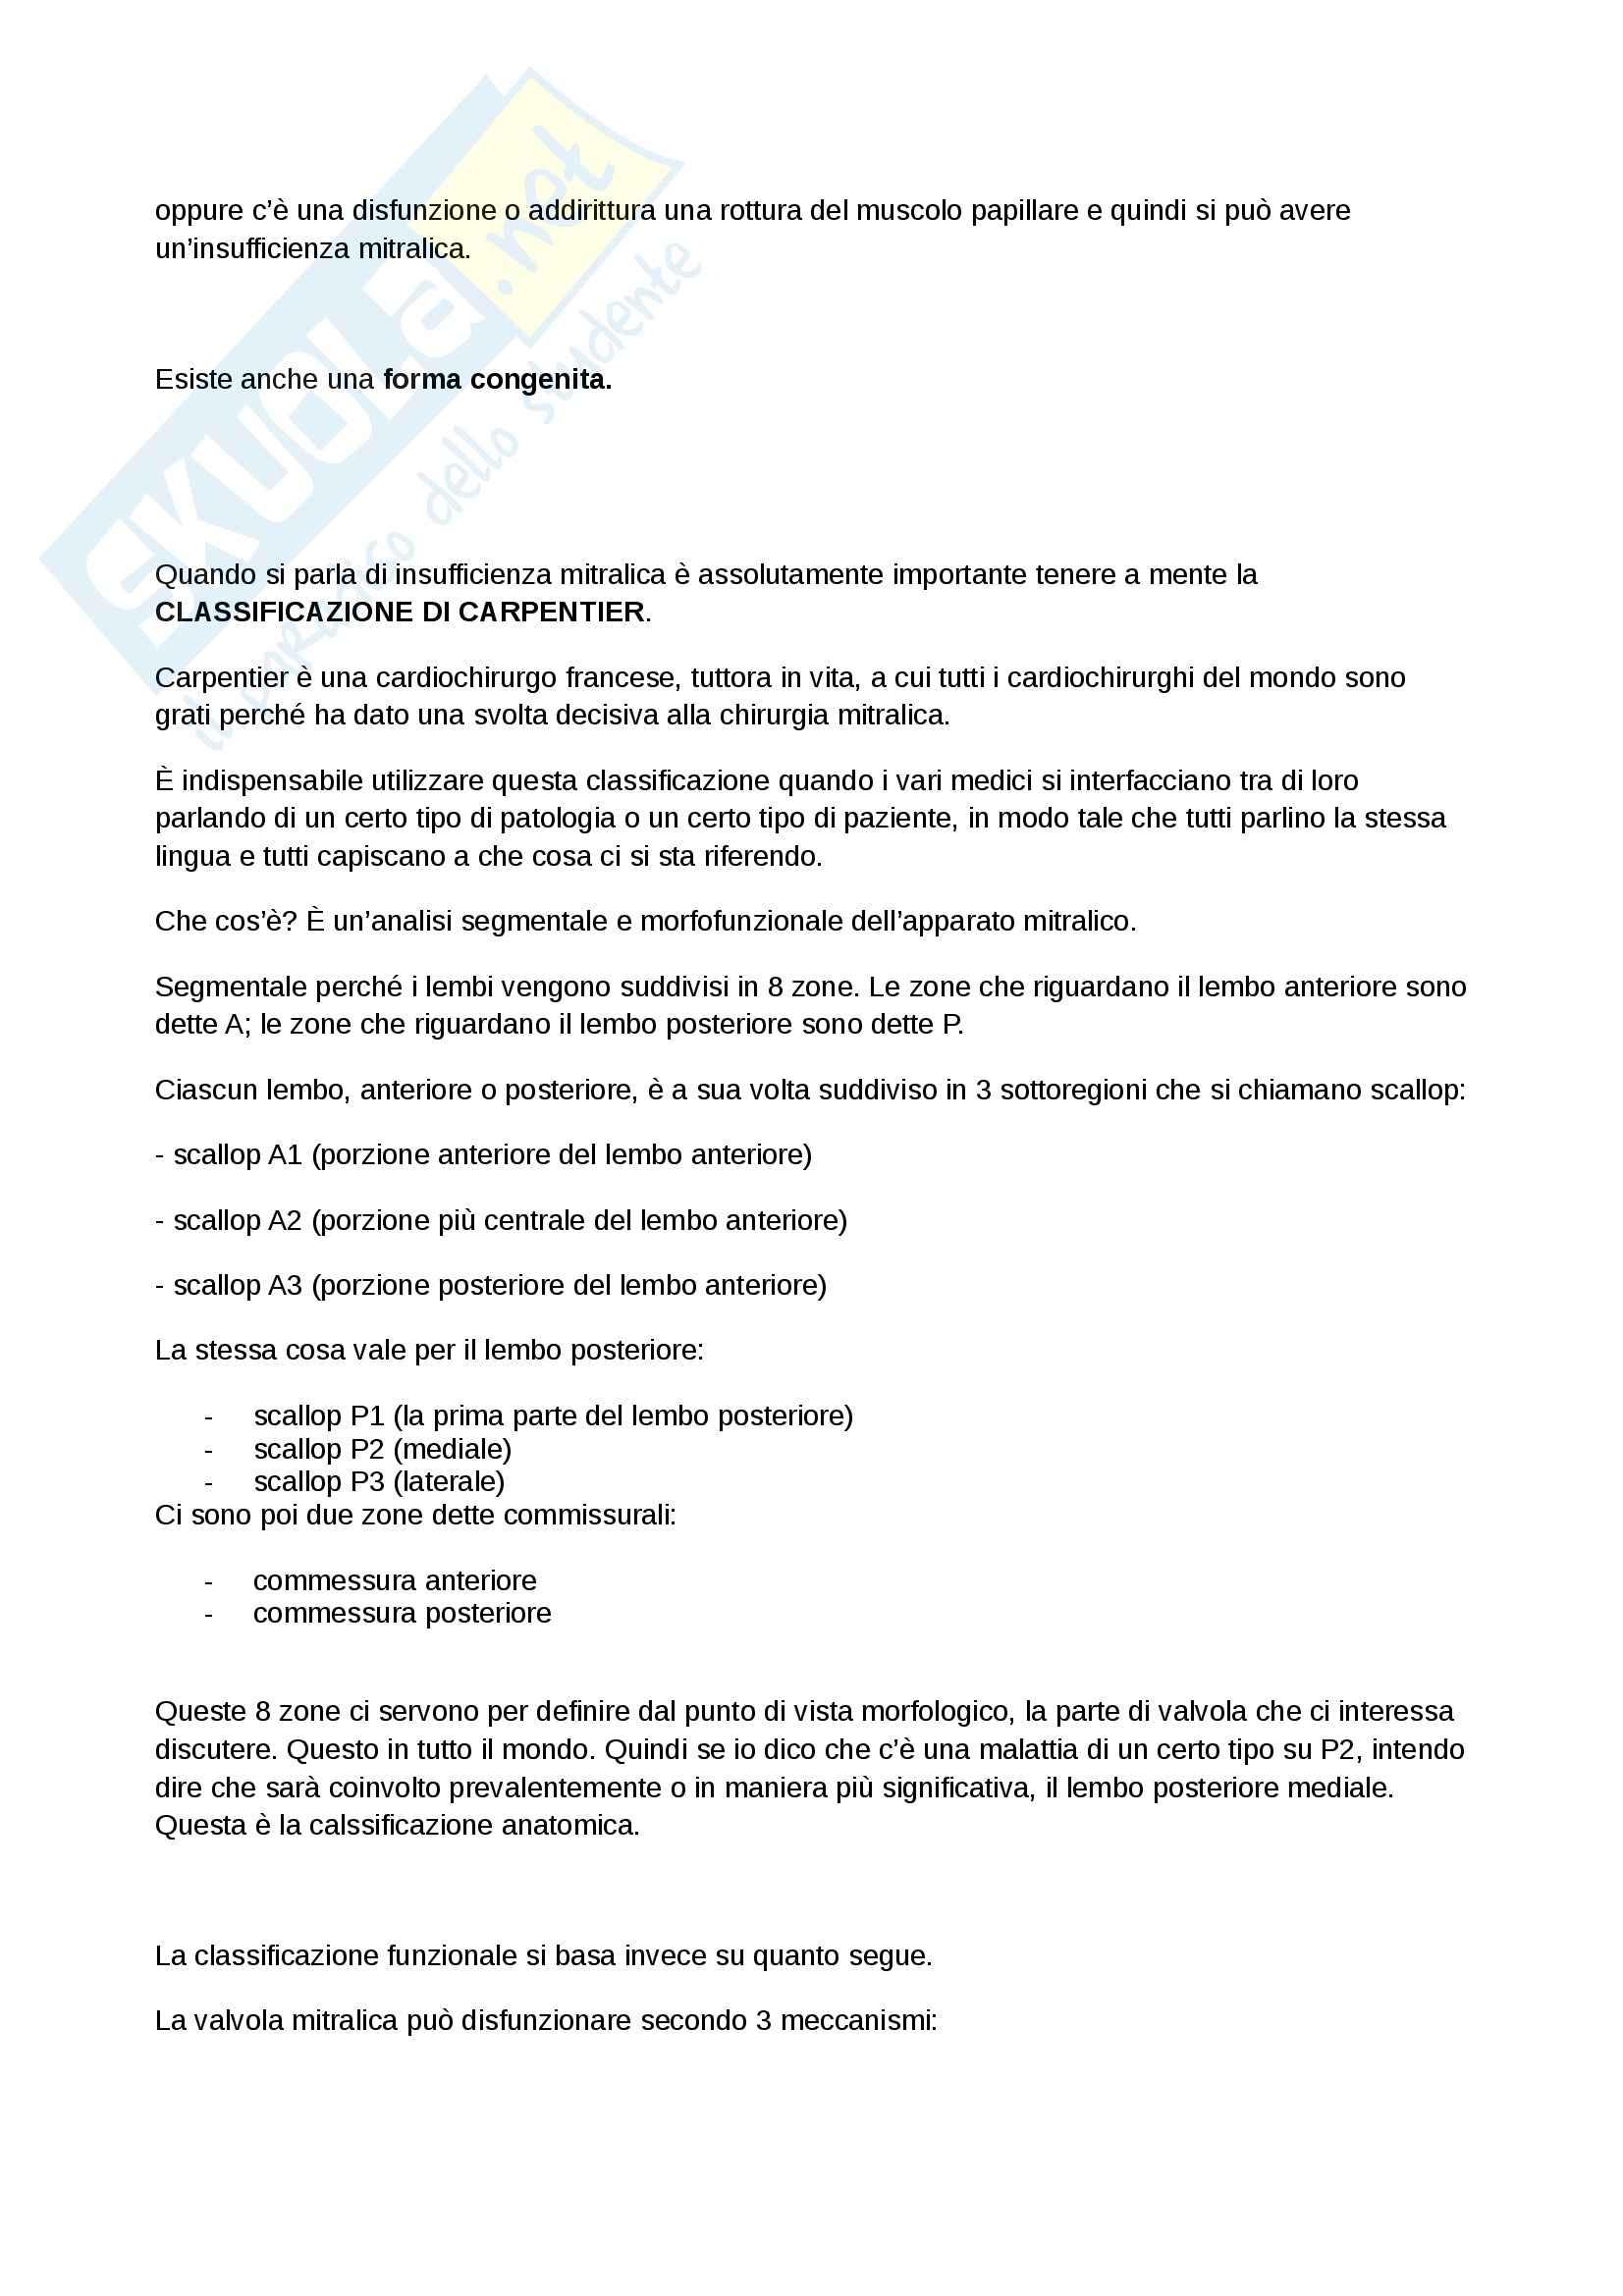 Malattie cardiovalscolari e respiratorie, Cardiochirurgia - Appunti Pag. 6